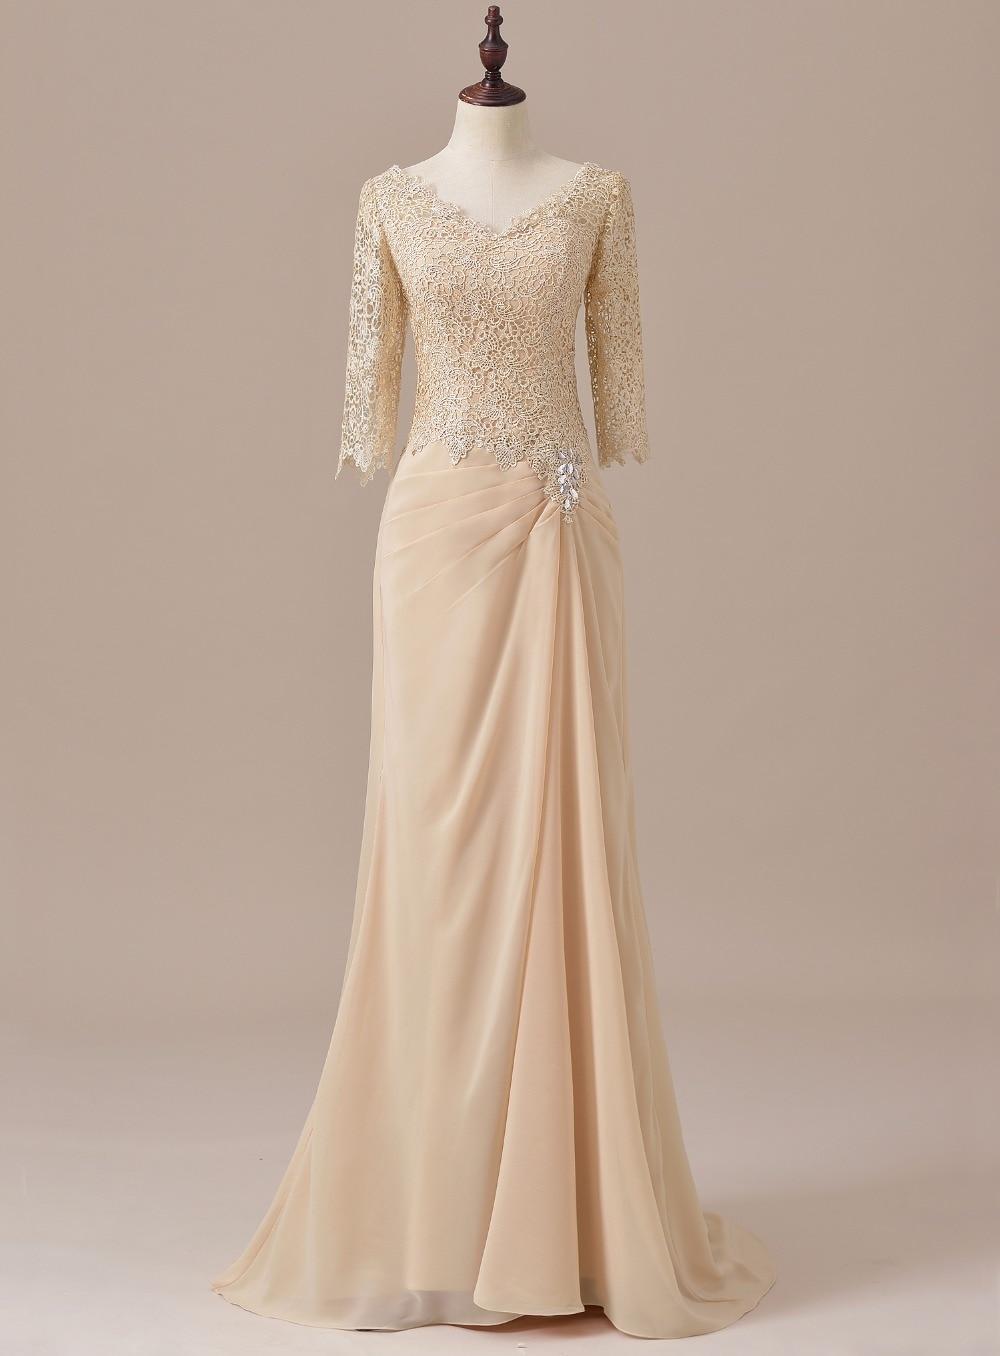 Elegante três quartos mangas rendas mãe da noiva vestido champanhe para o noivo casamento longo formal vestido de noite SLD-M11